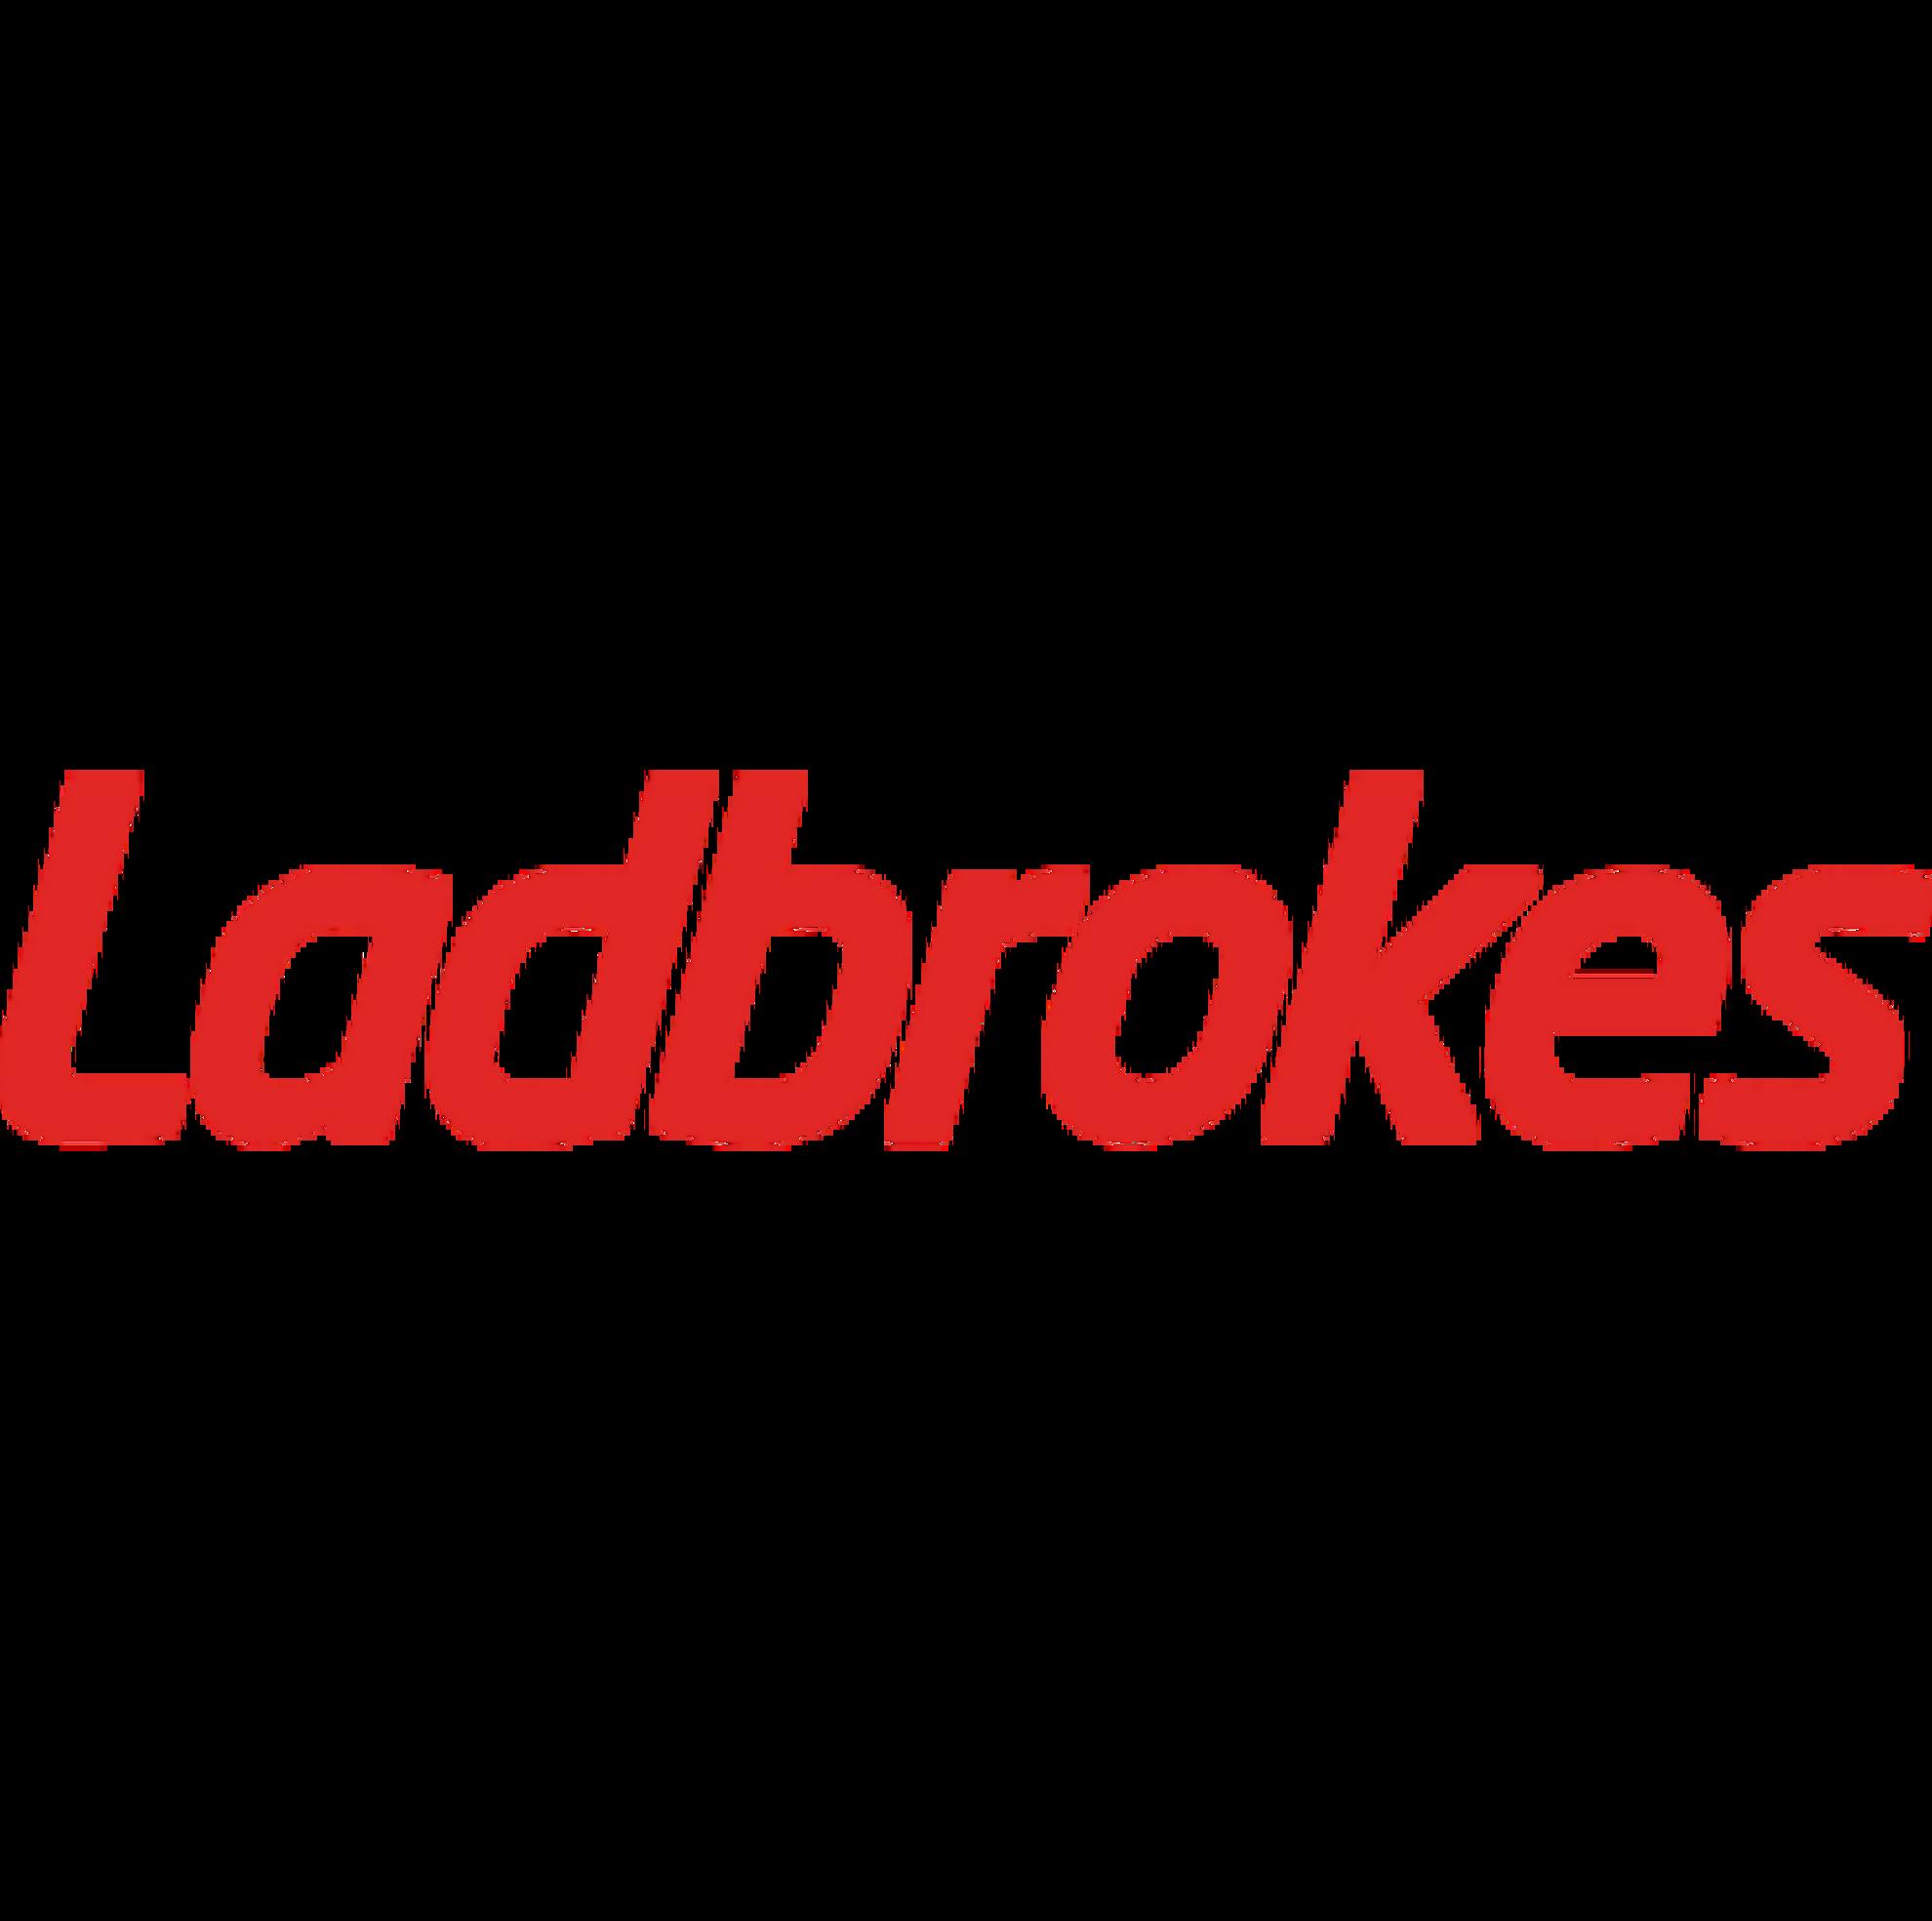 Ladbrokes-logo-color